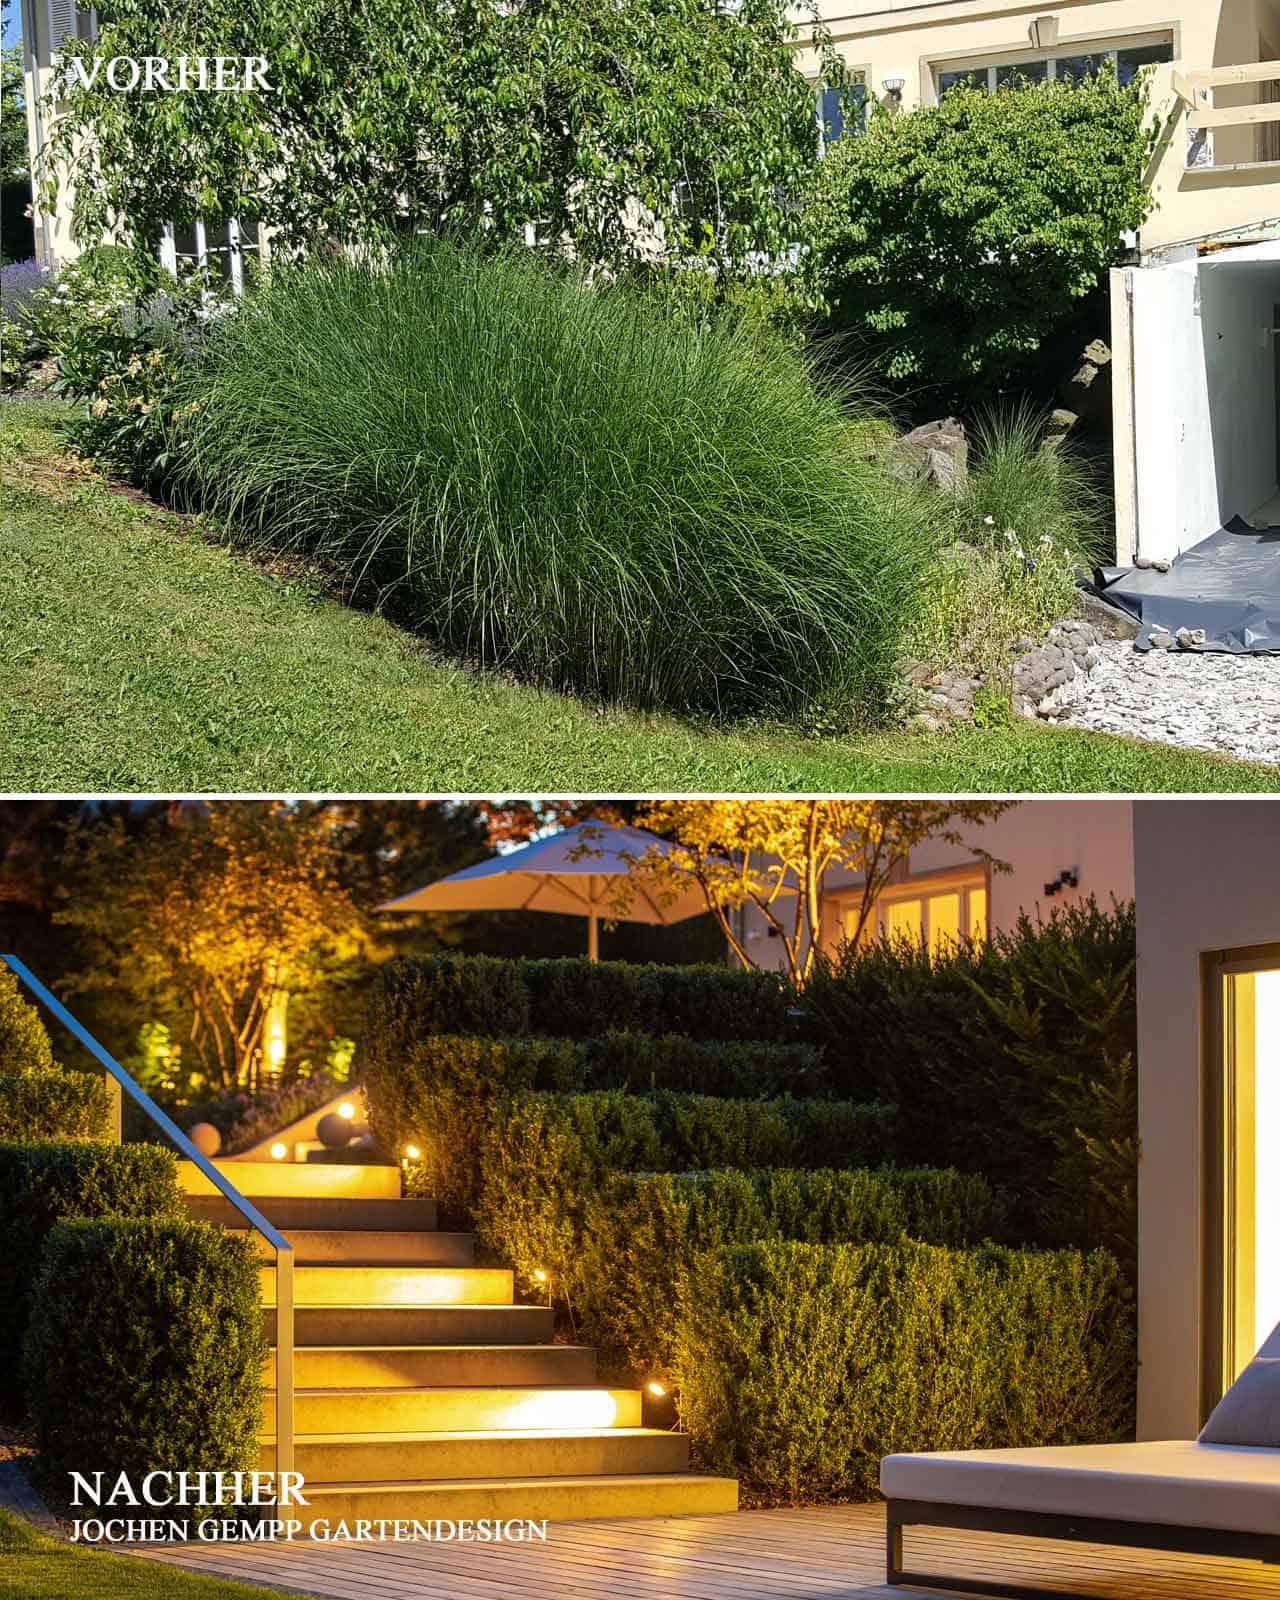 Gartendesign Gartengestaltung Landschaftsarchitektur Berlin